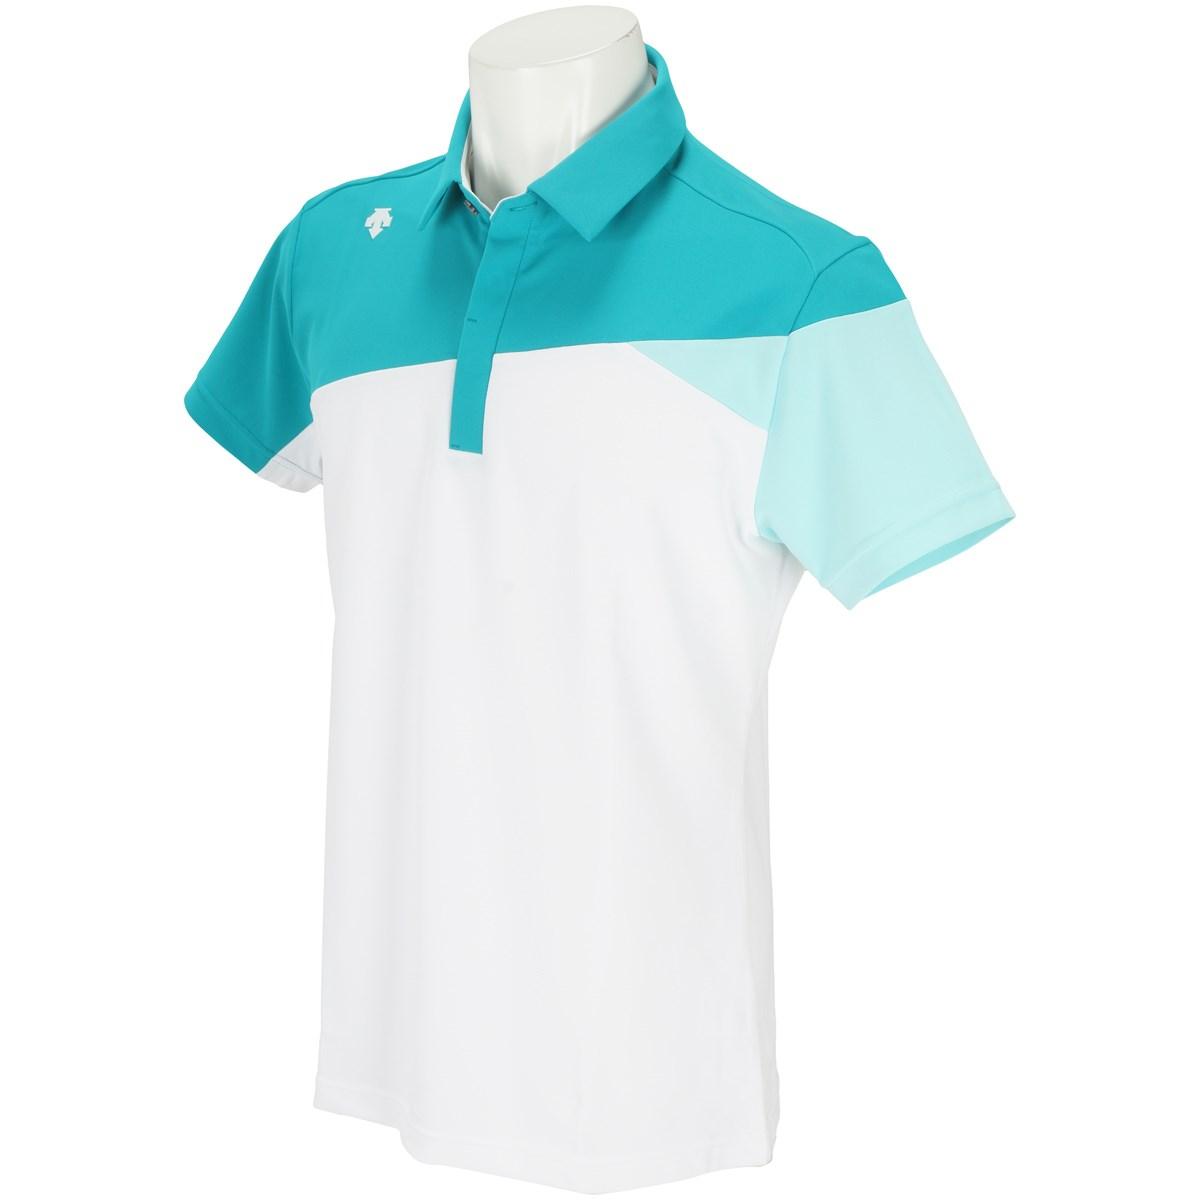 デサントゴルフ(DESCENTE GOLF) 半袖ポロシャツ